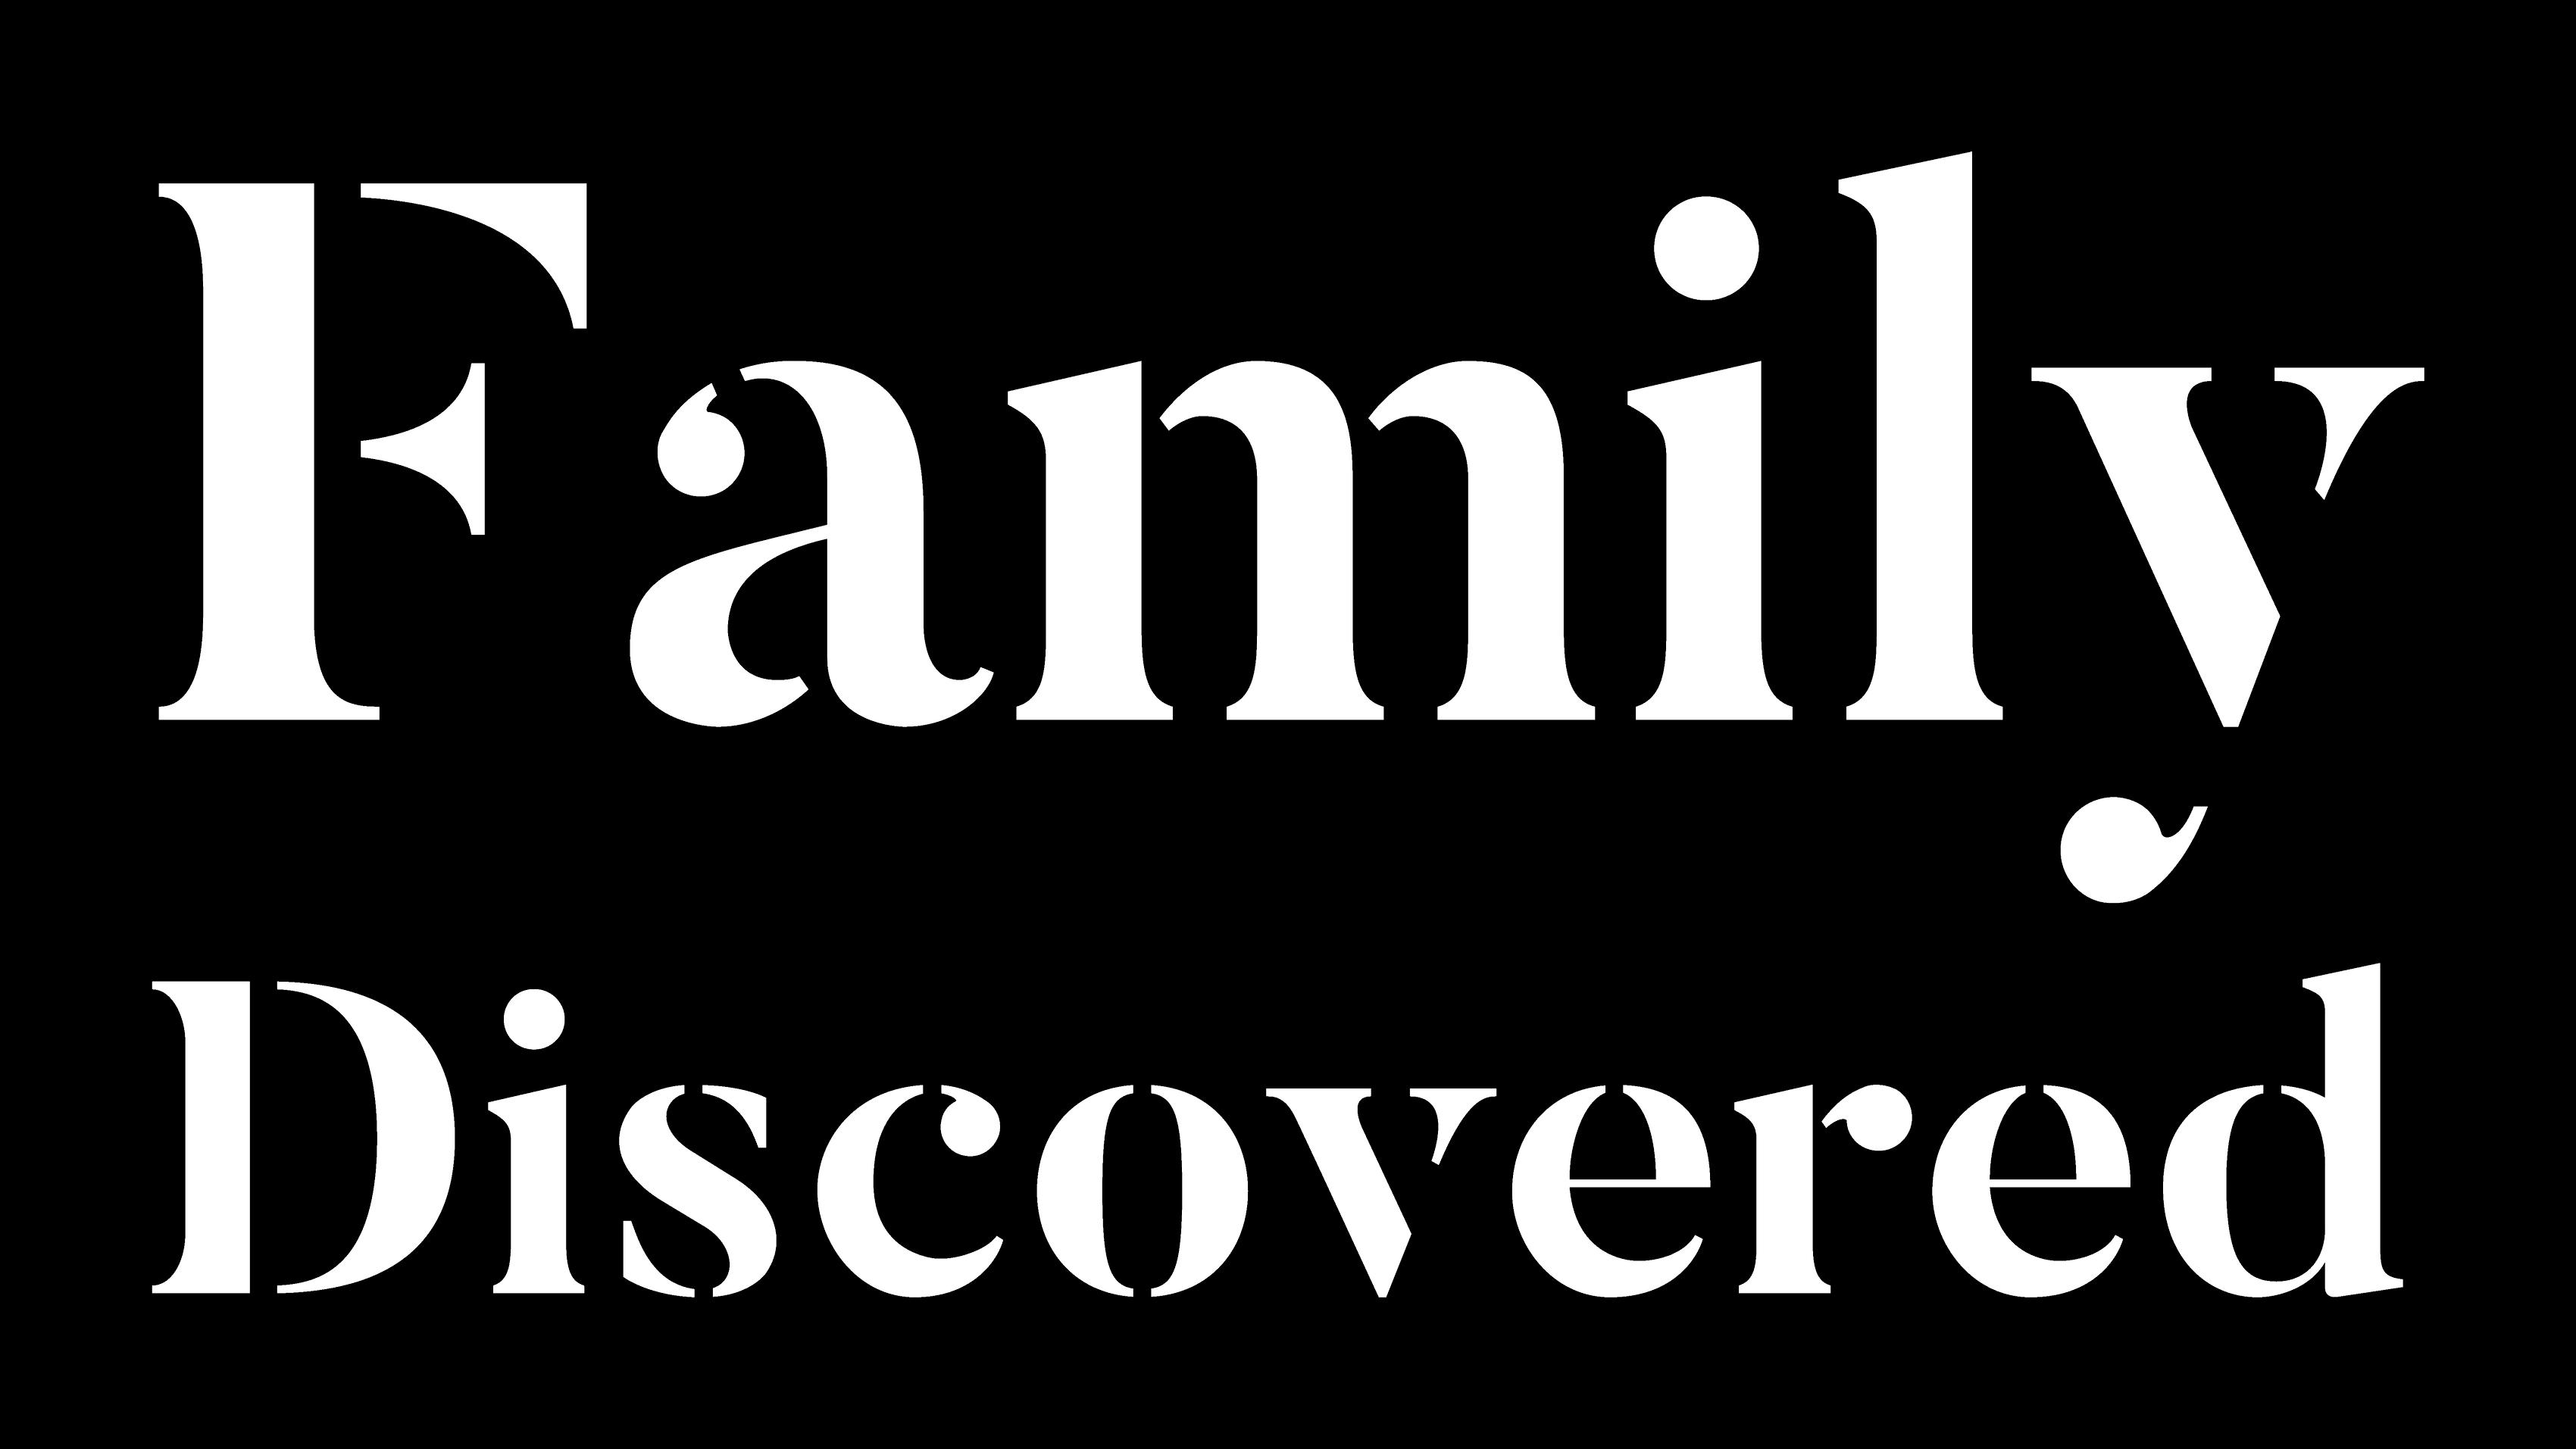 familydiscovered.com